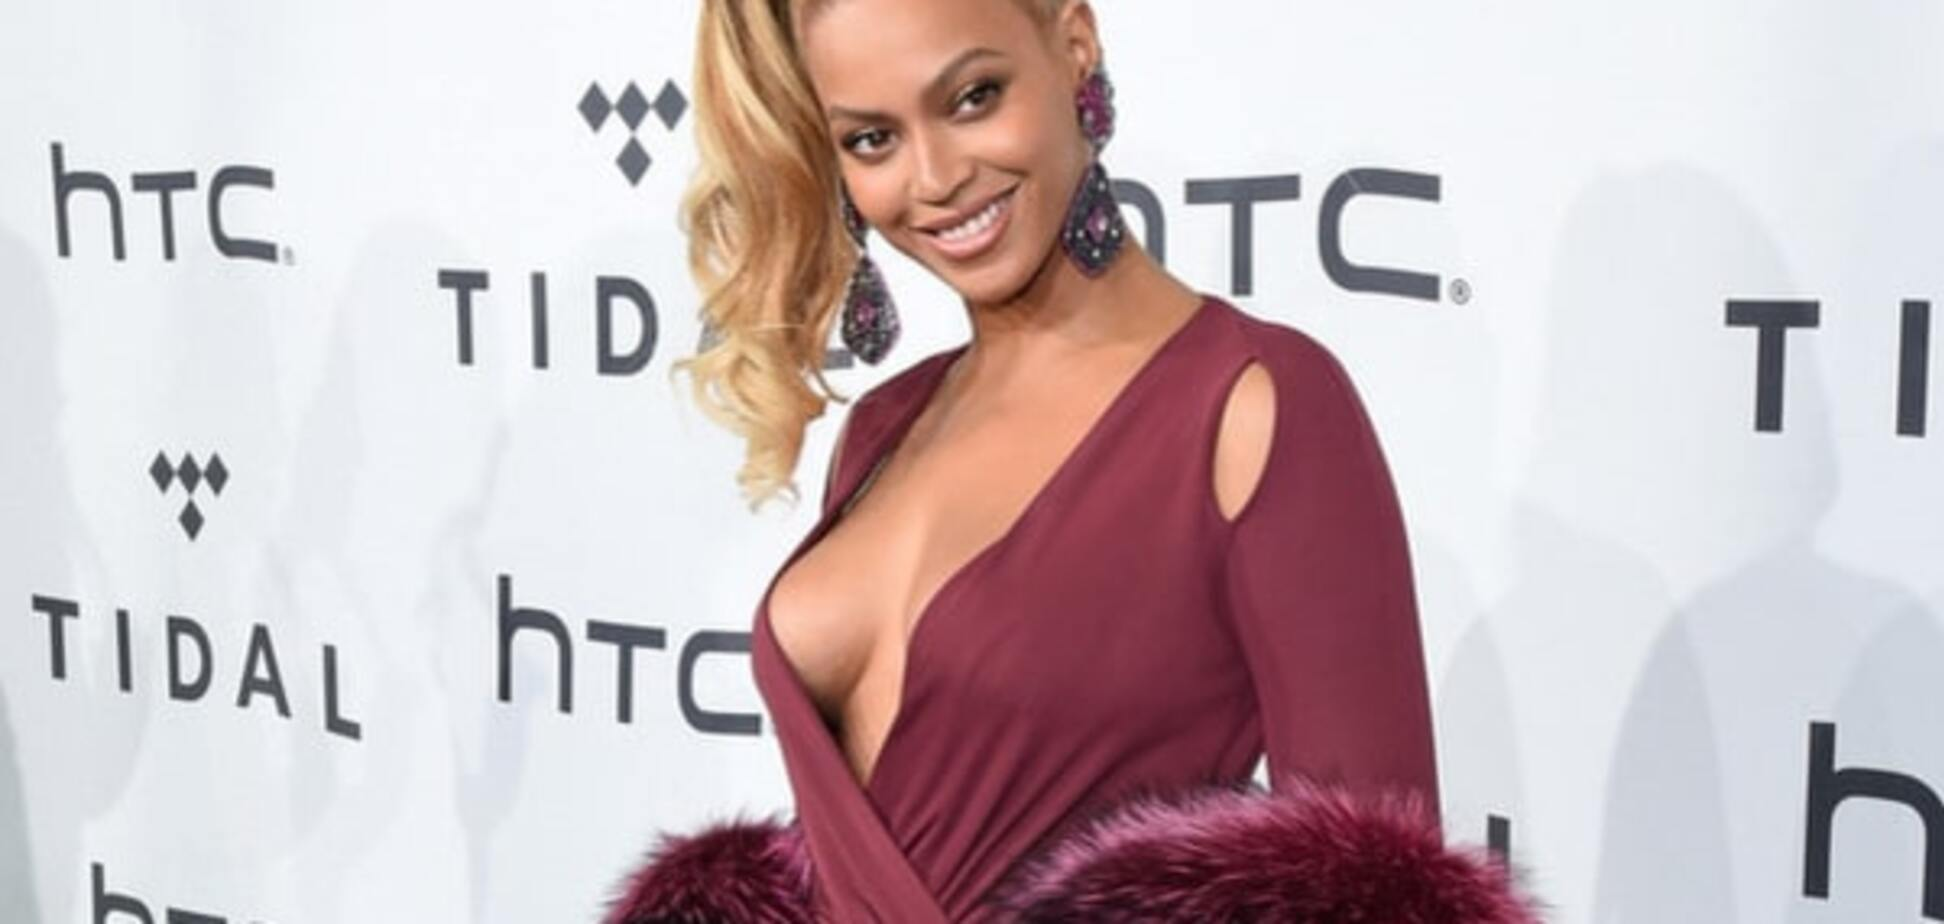 Образ дня: Бейонсе потрясла роскошным платьем с мехом и глубоким декольте